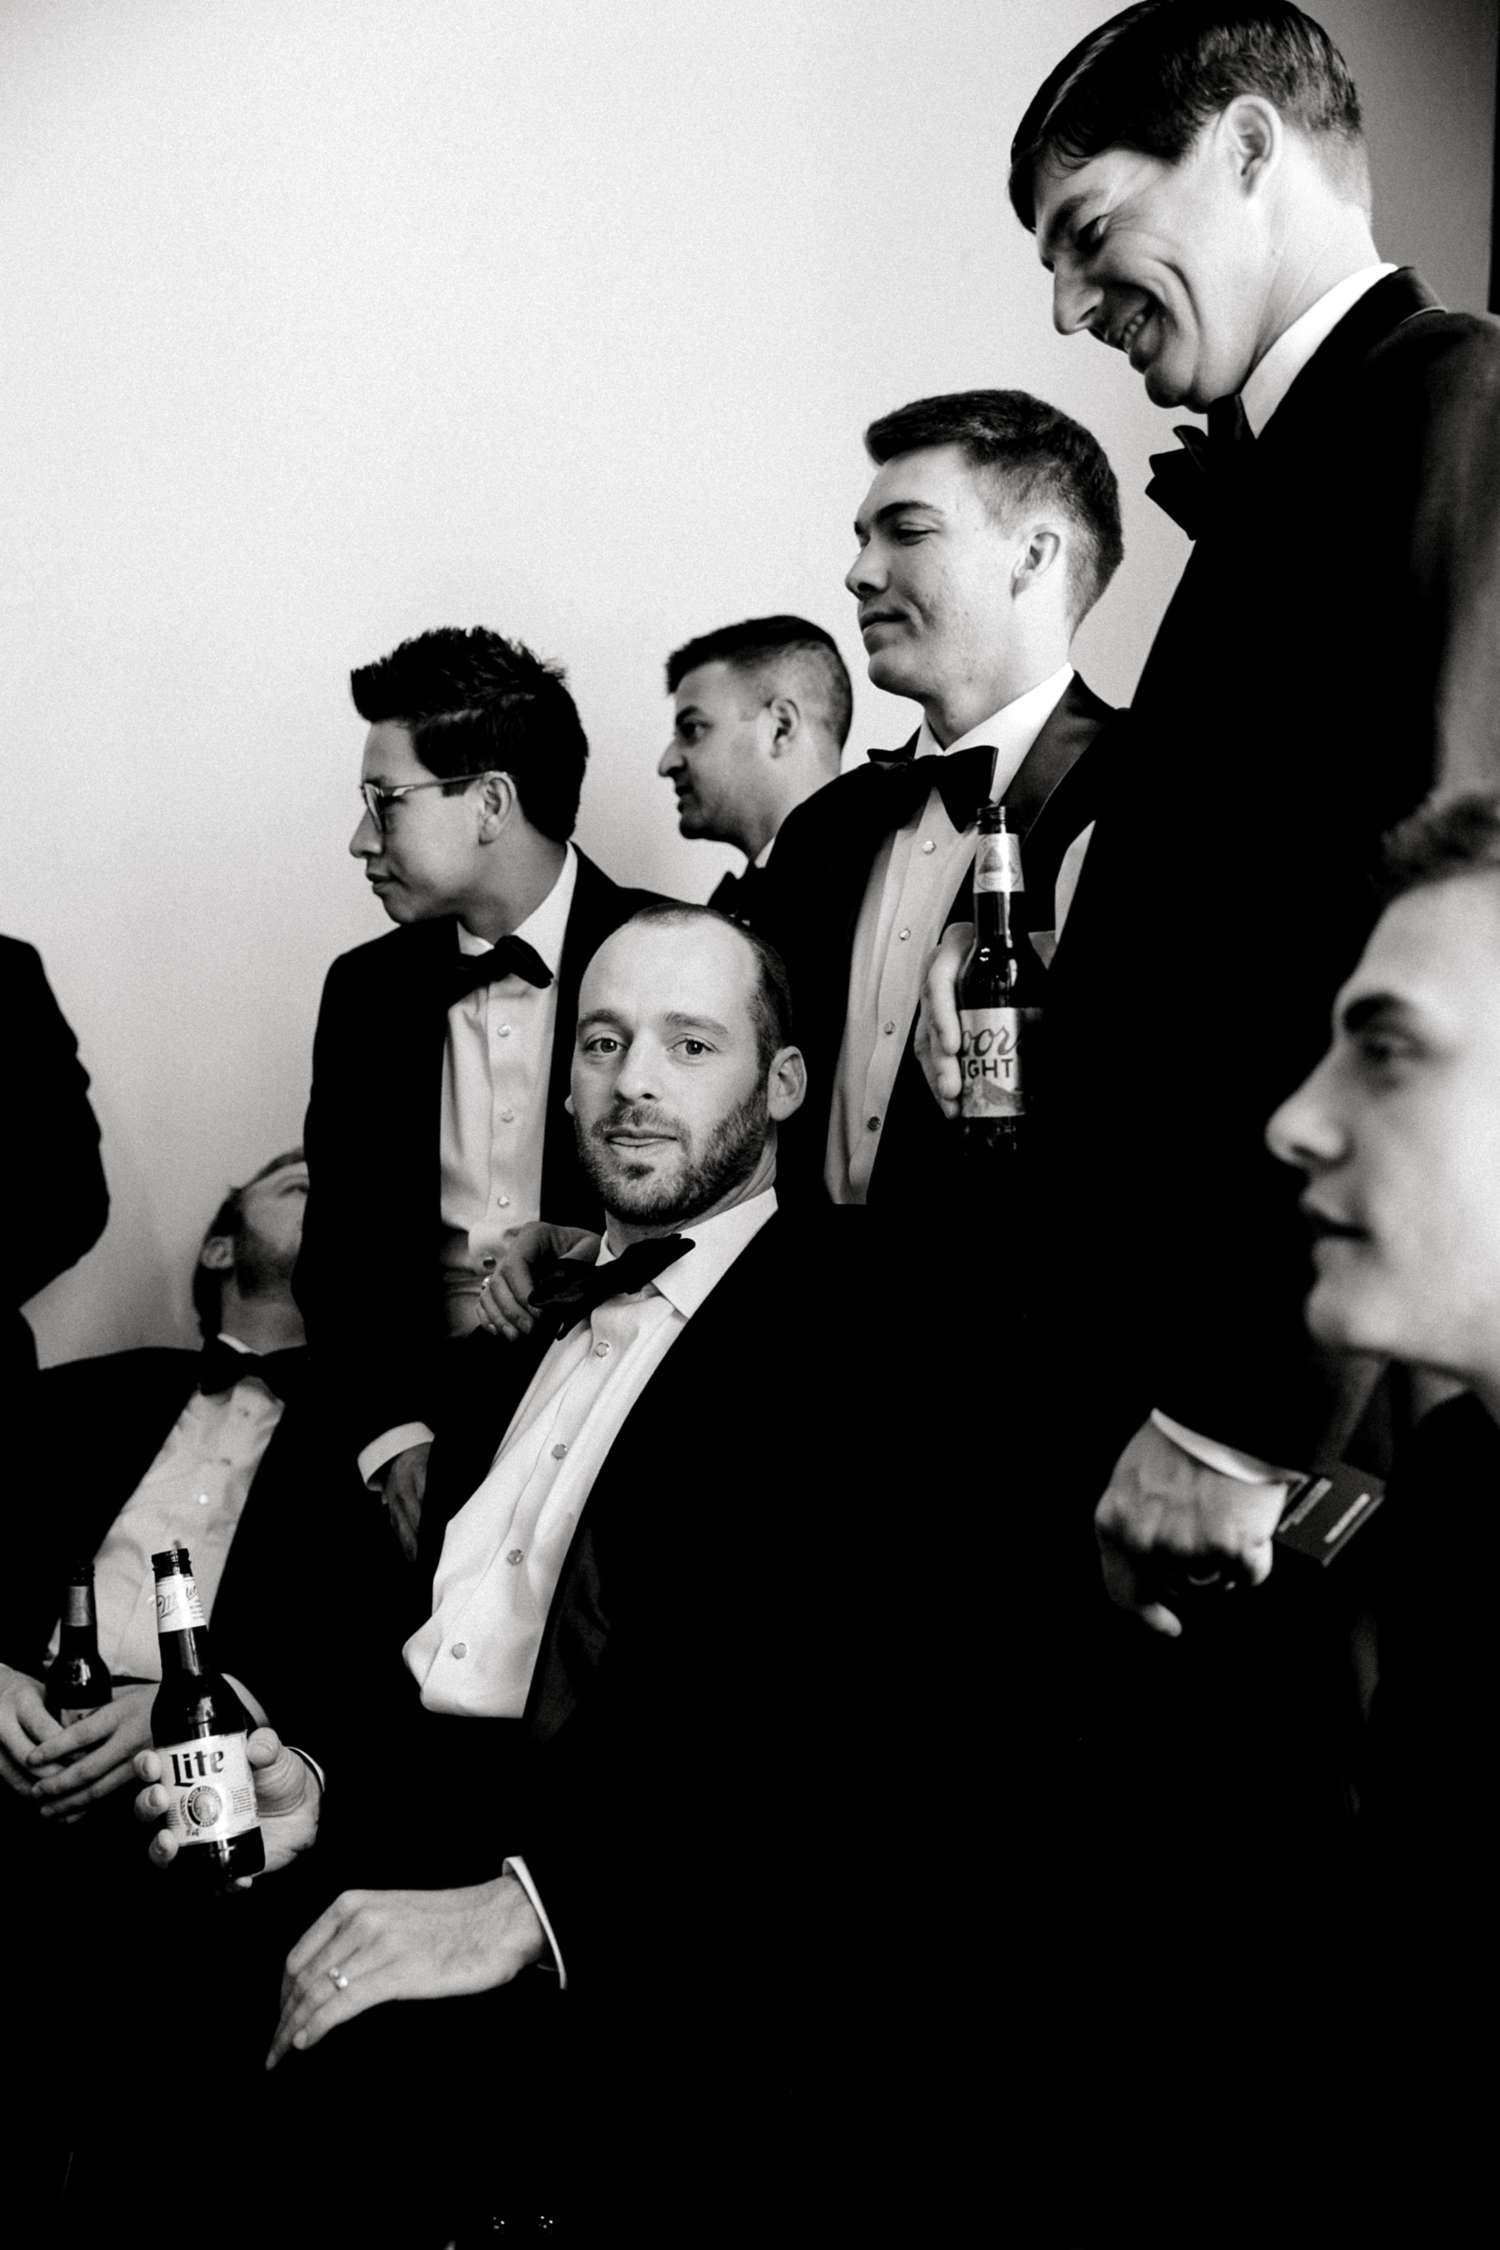 MARLEE+LLOYD+MORGAN+ALLEEJ+TEXAS+TECH+MERKET+ALUMNI+WEDDINGS+LUBBOCK+WEST+TABLE+CLASSIC+SPAIN_0011.jpg